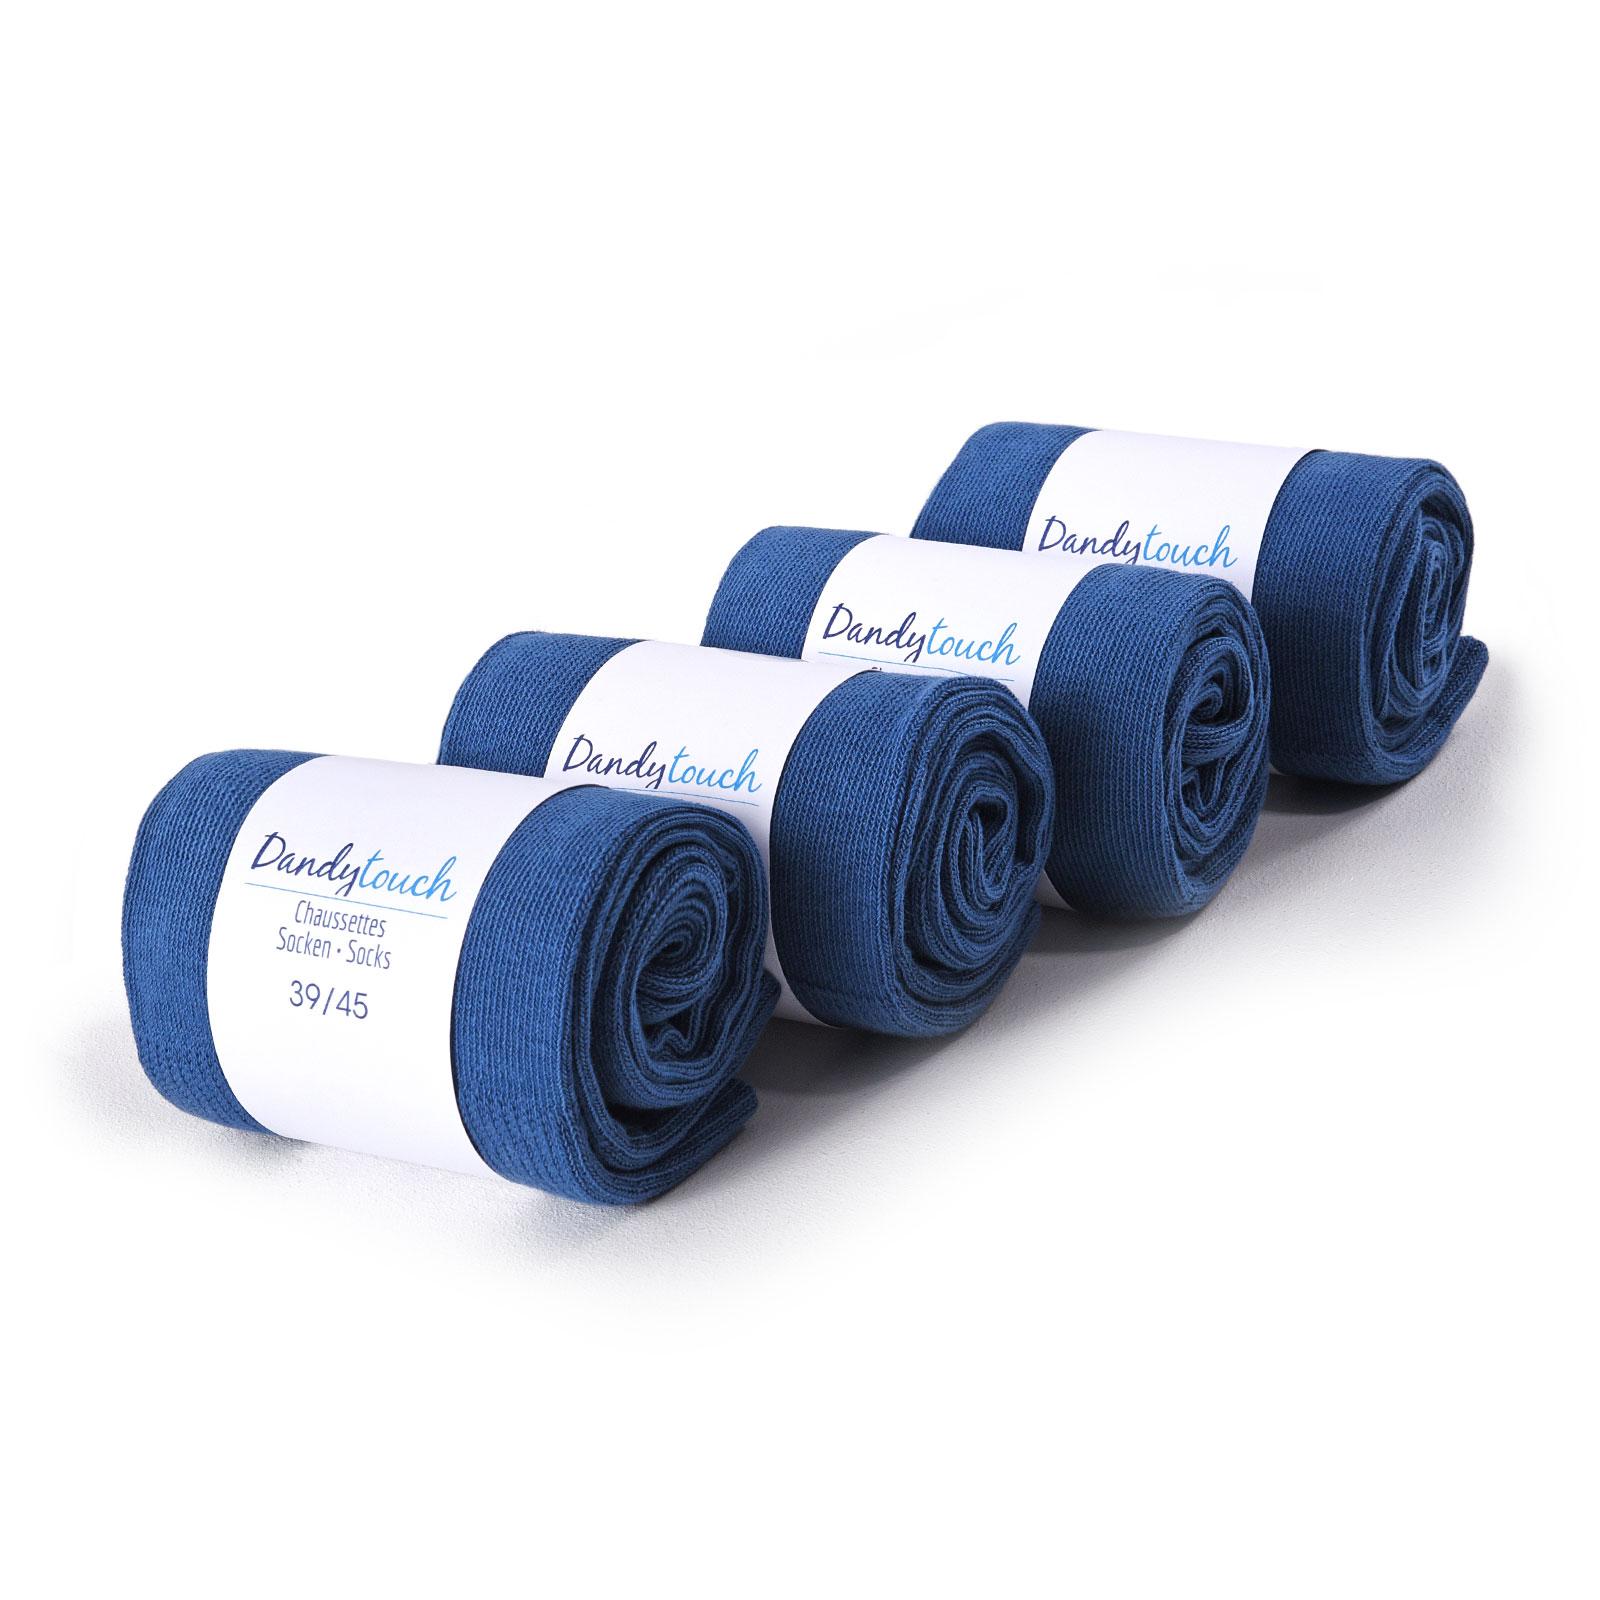 PK-00001-petrole-F16-lot-4-paires-chaussettes-bleues